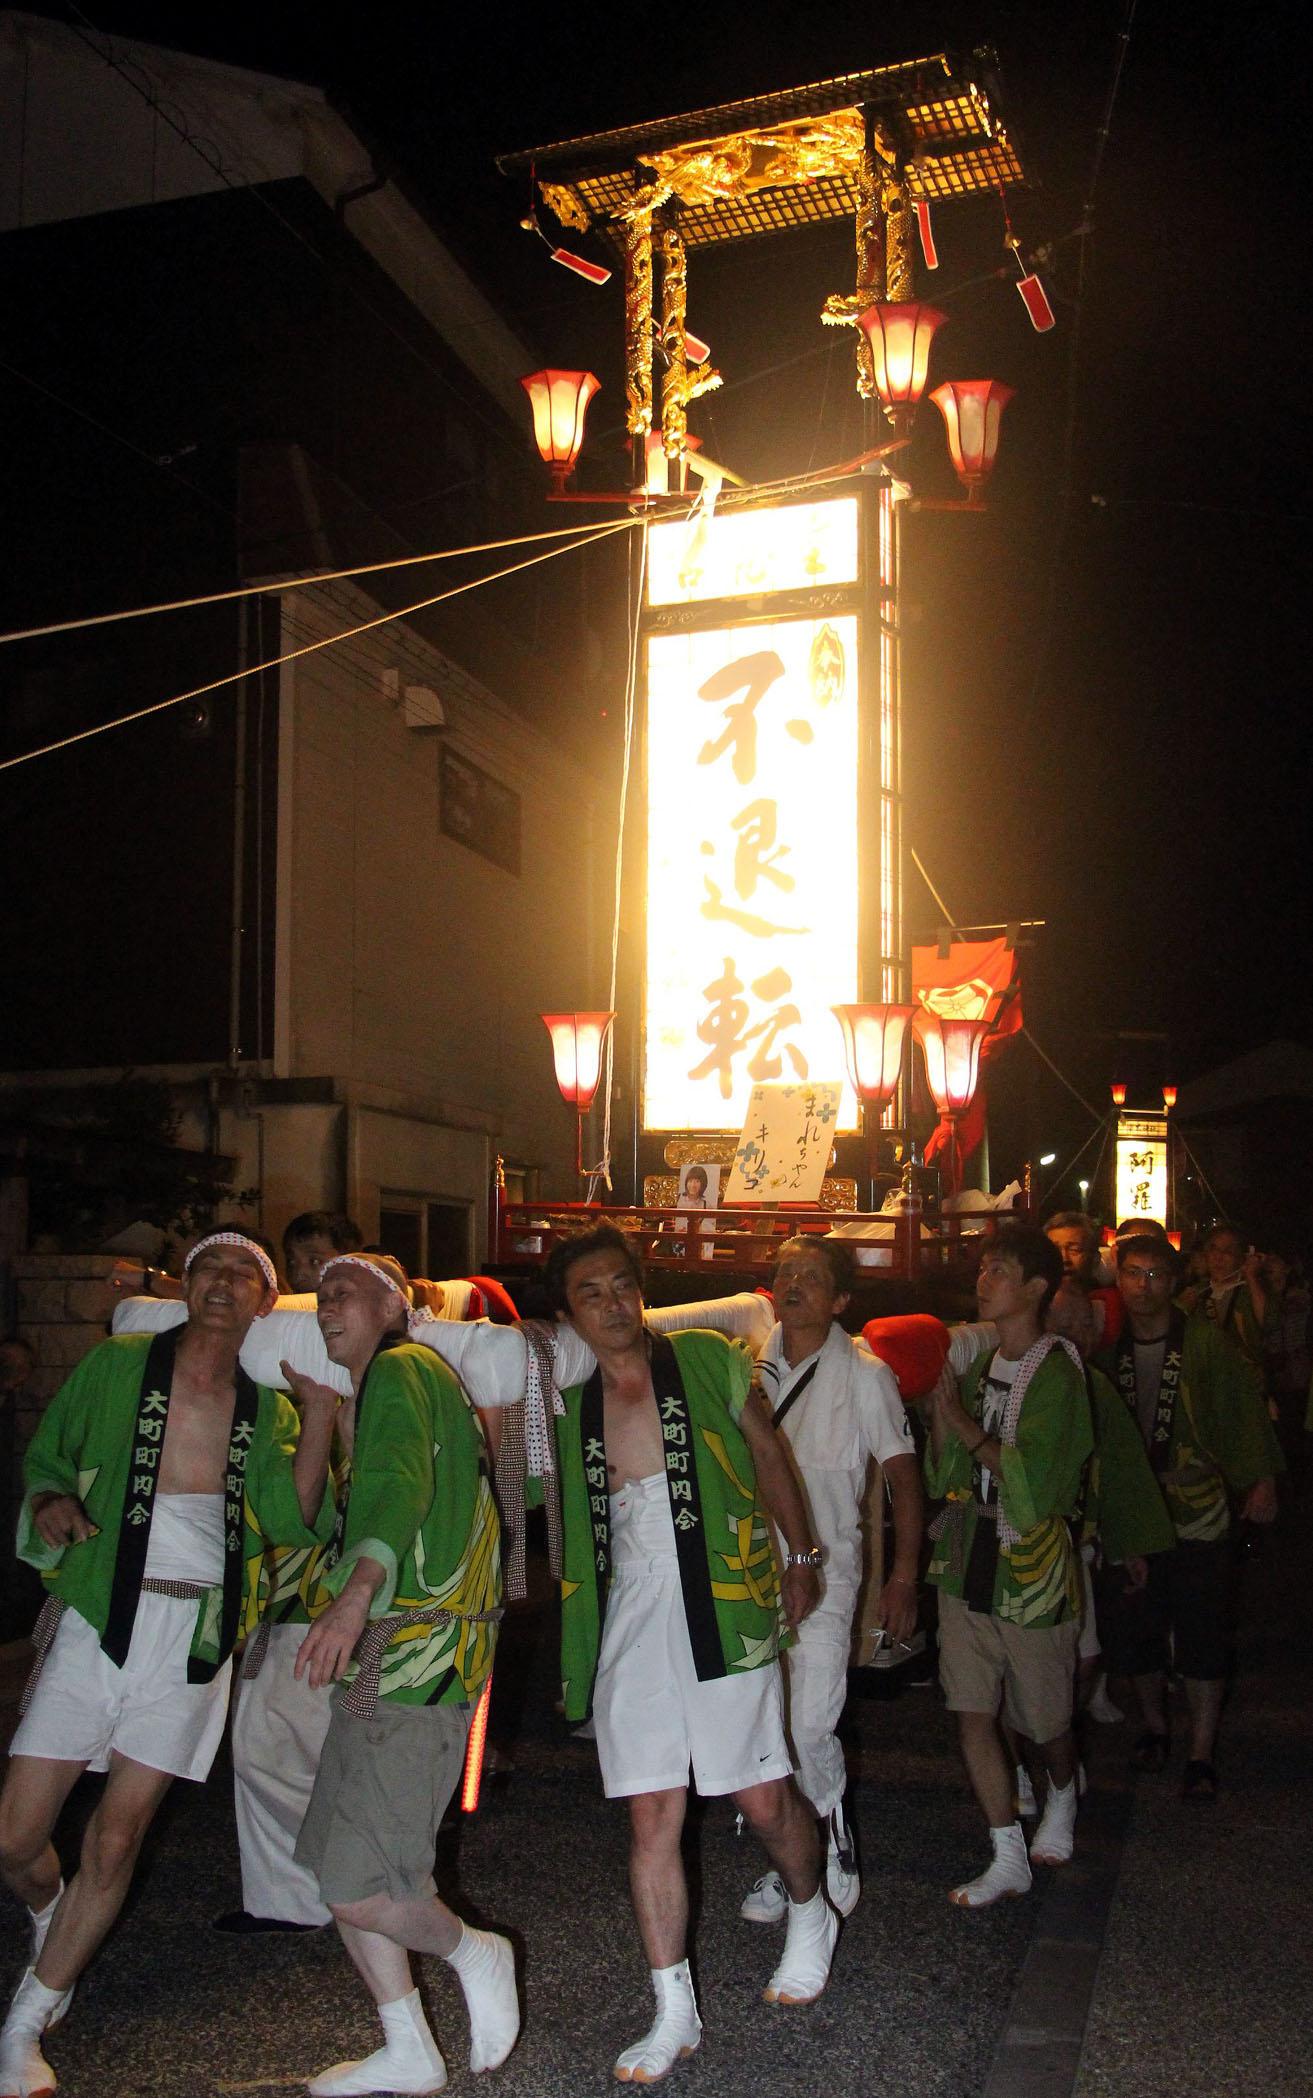 勇壮に町を練る「まれ」の撮影に使われたキリコ=23日午後10時、輪島市河井町